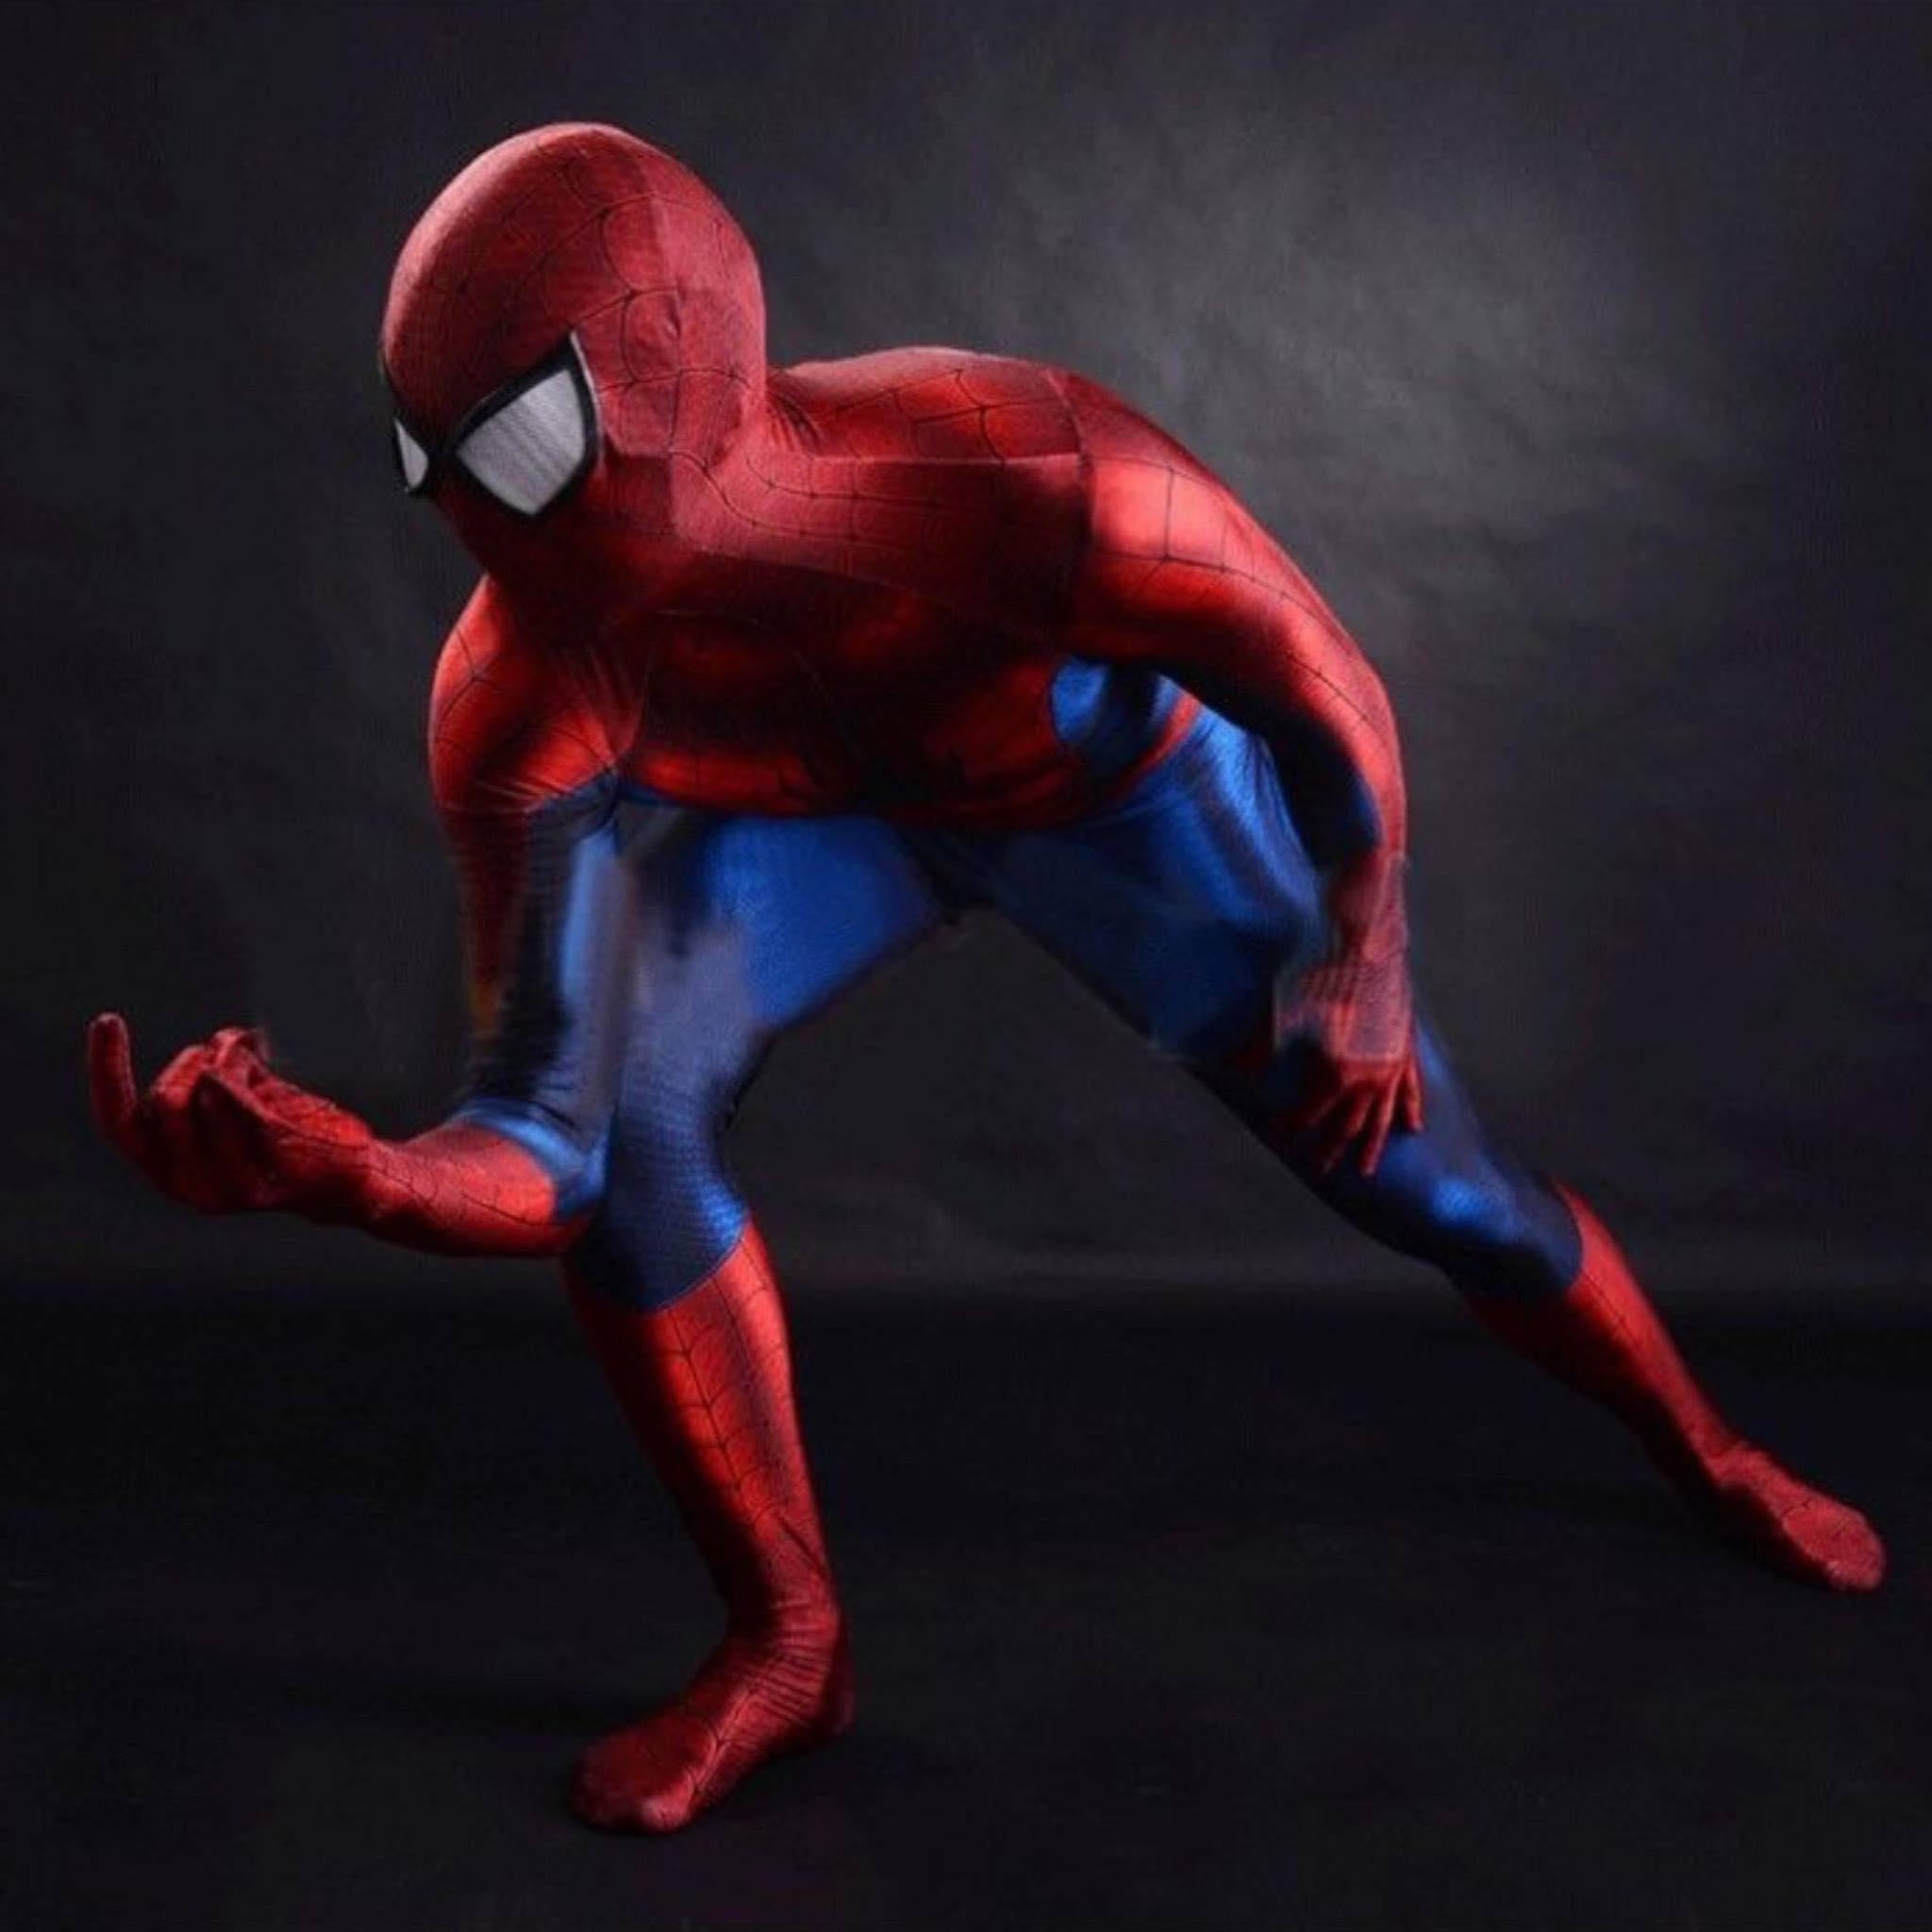 Spiderhero